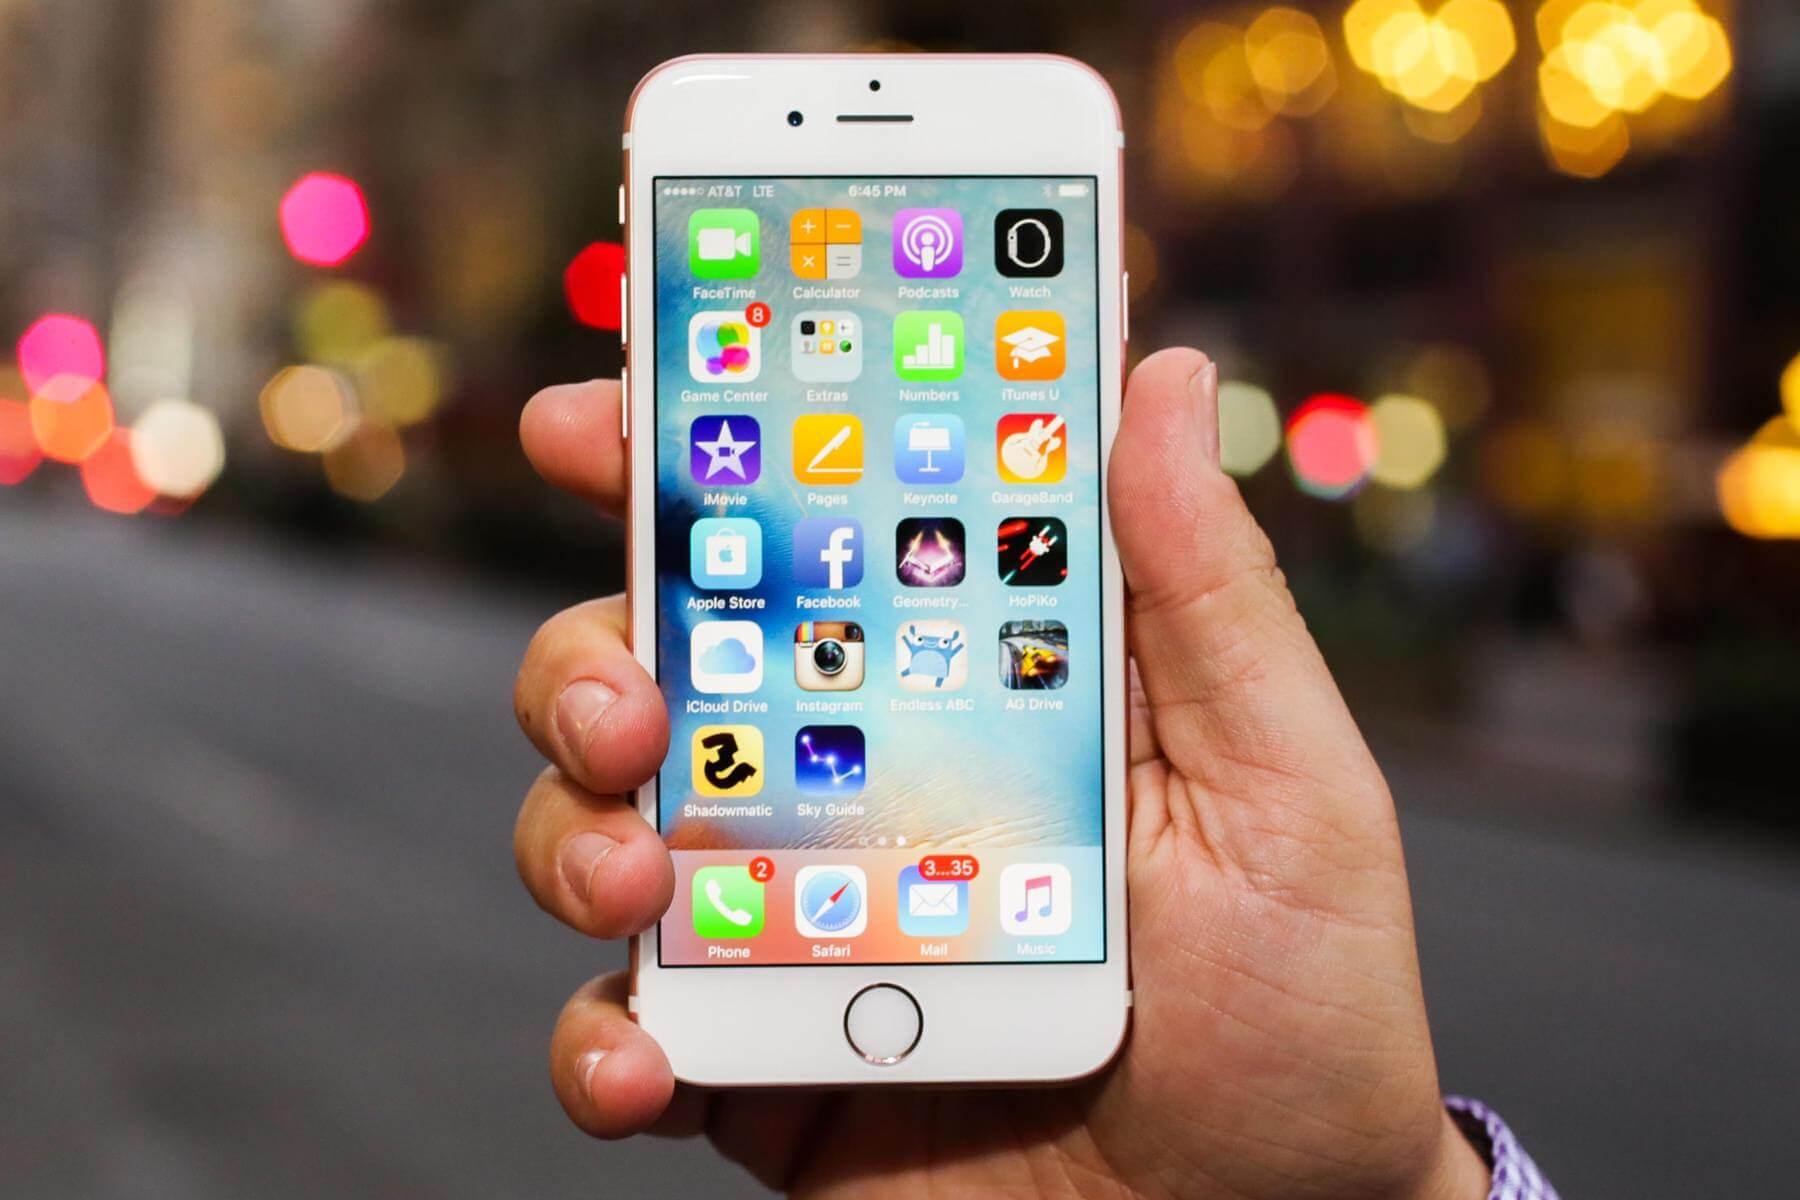 Taig выпустит джейлбрейк для iOS 9.1 и iOS 9.2 в ближайшее время